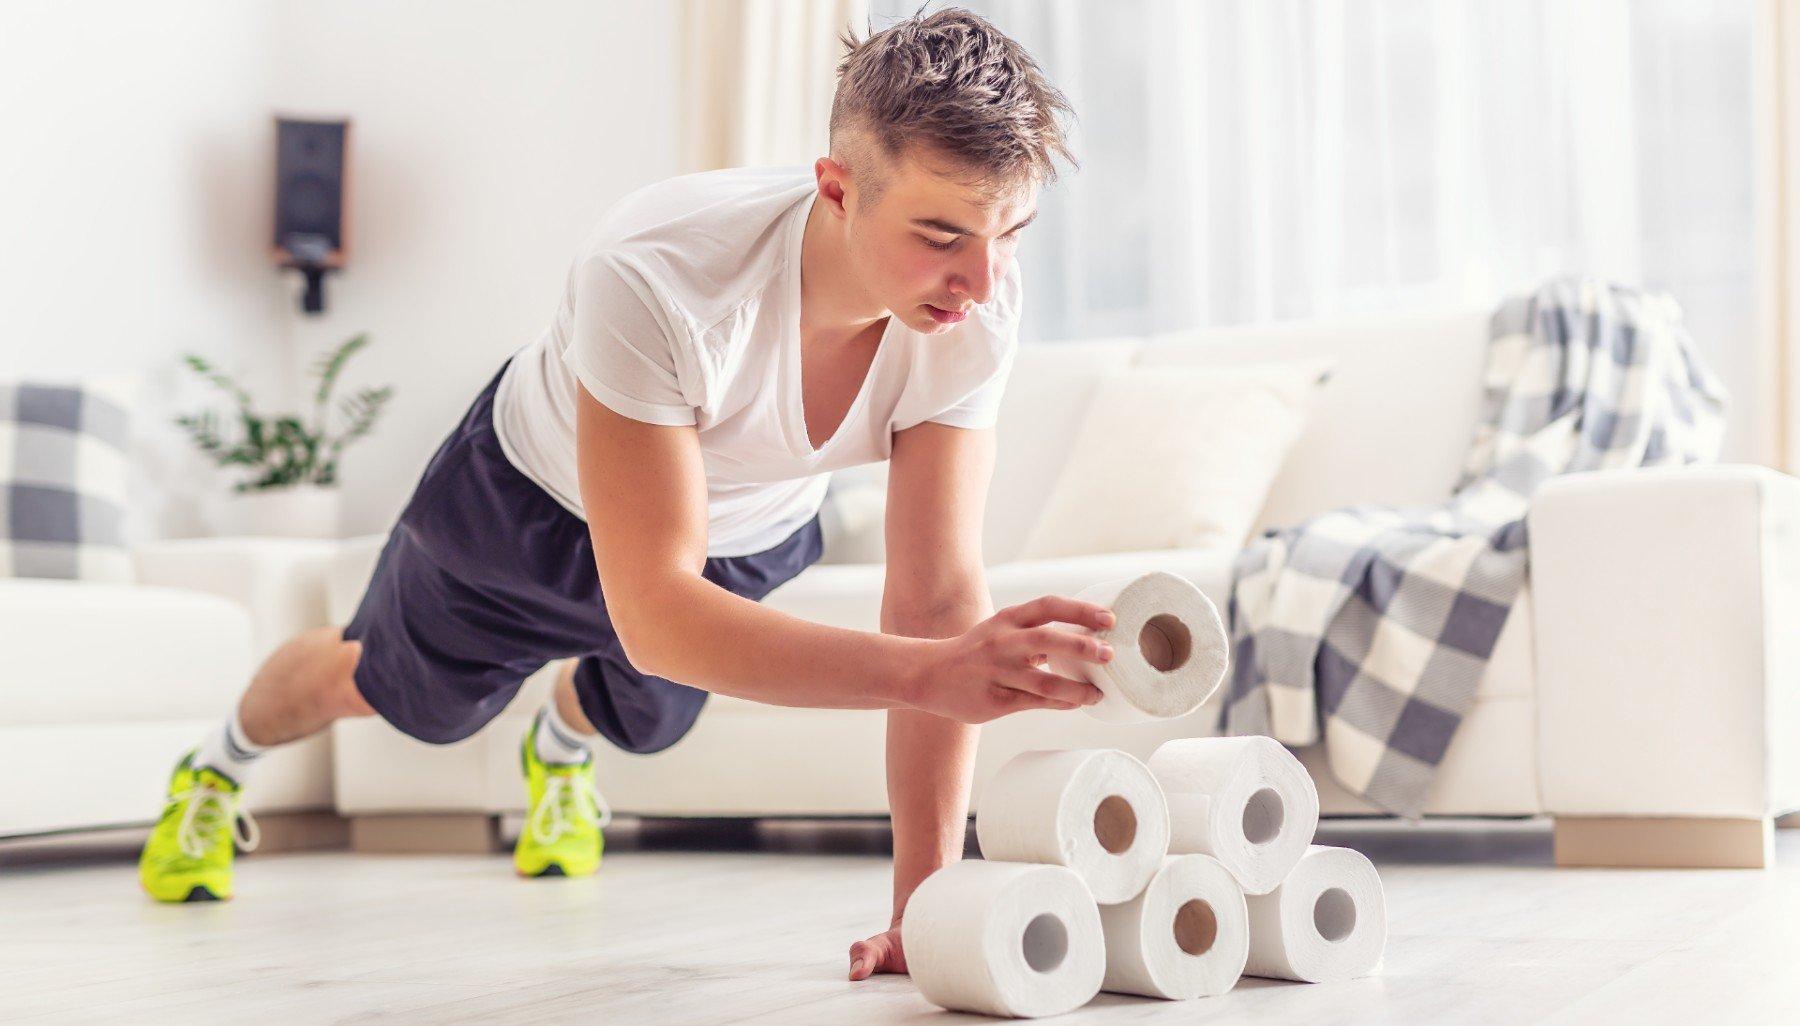 10 absolut nachvollziehbare Home Workout Memes